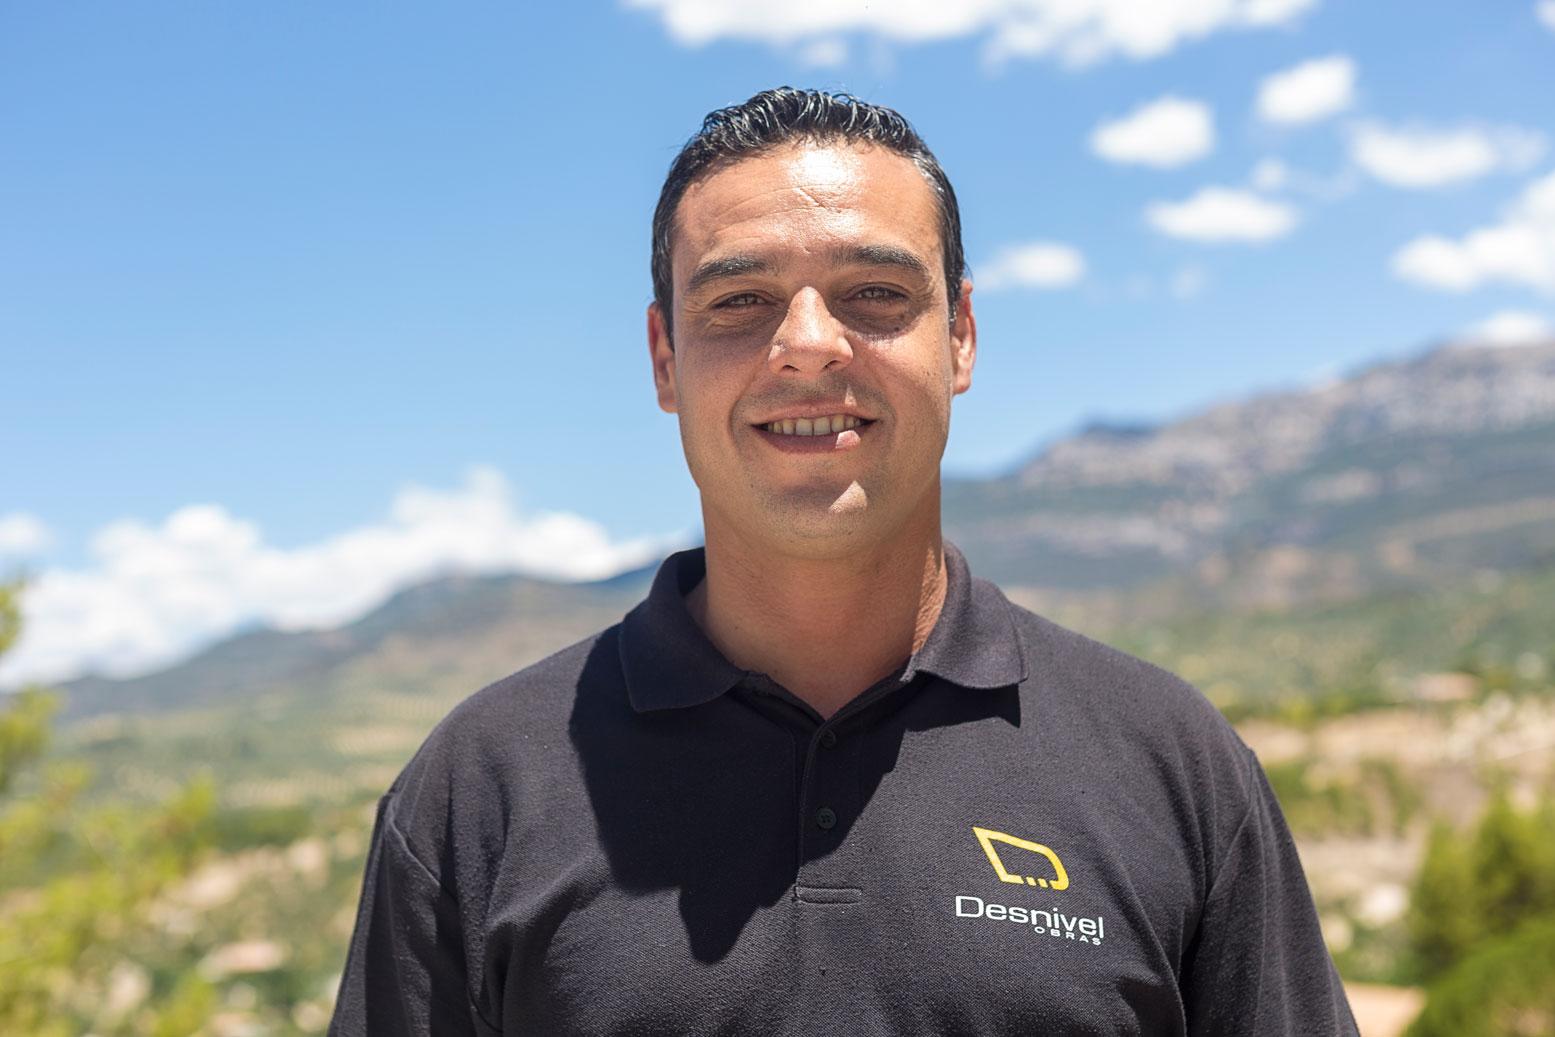 Miguel Ángel Gómez Maqueda